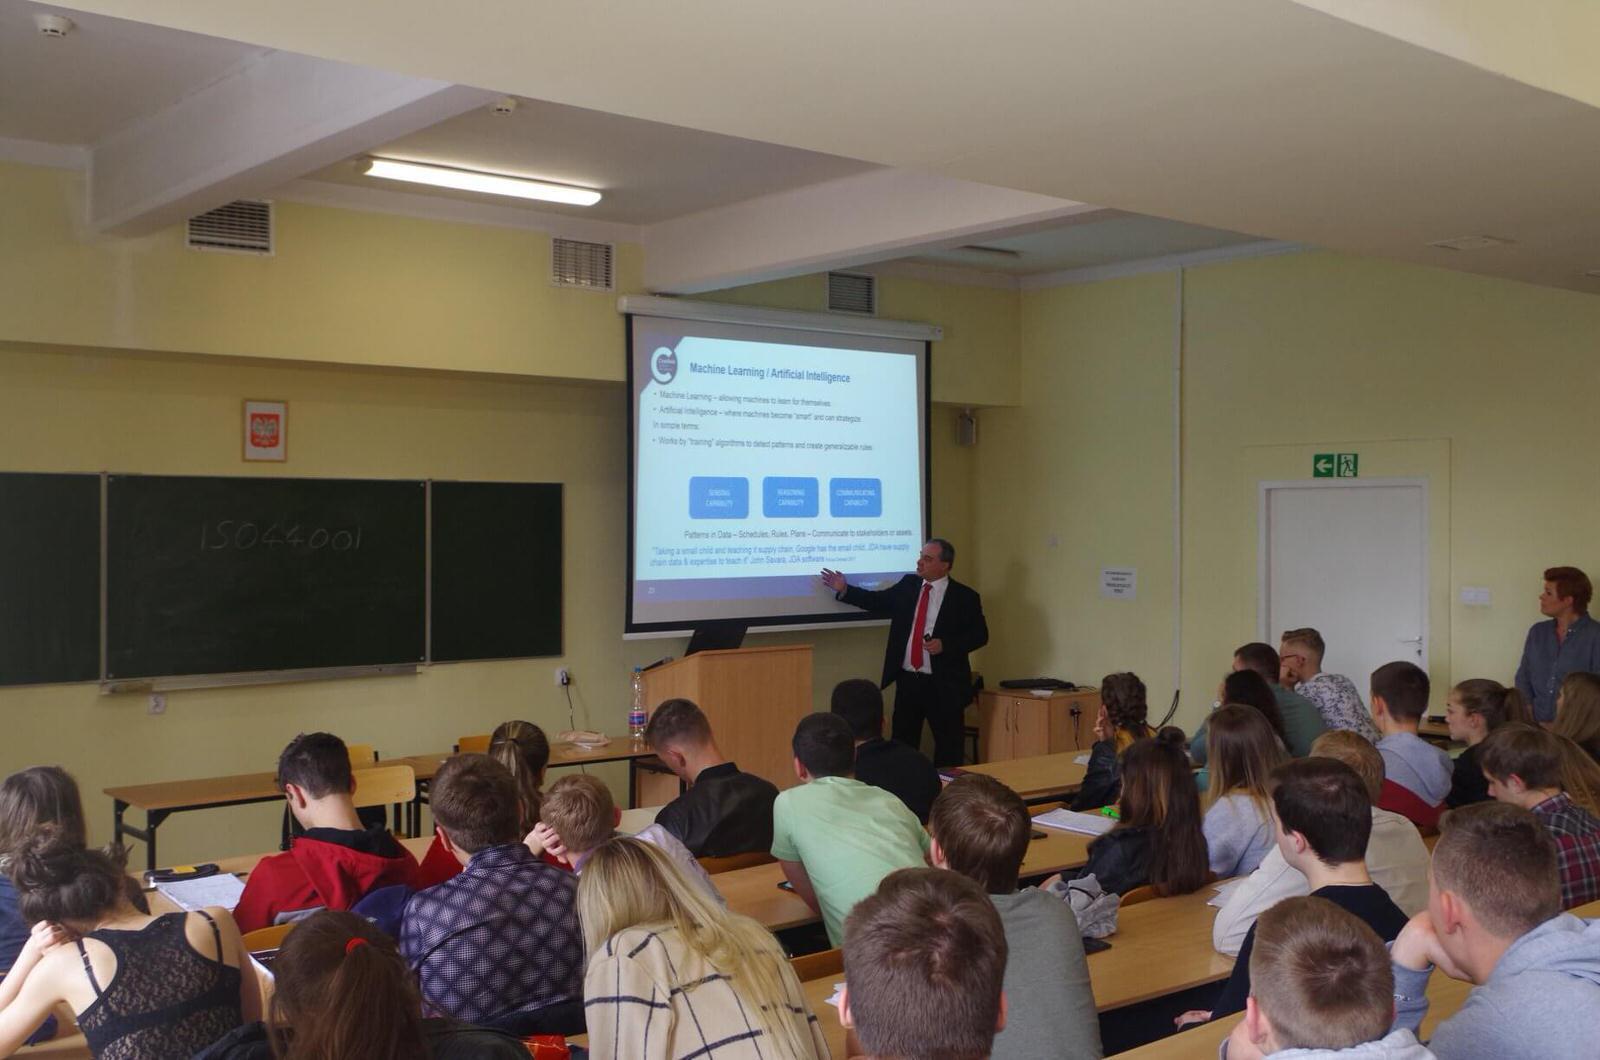 Вроцлавский университет предлагает скидки на обучение - UniverPL